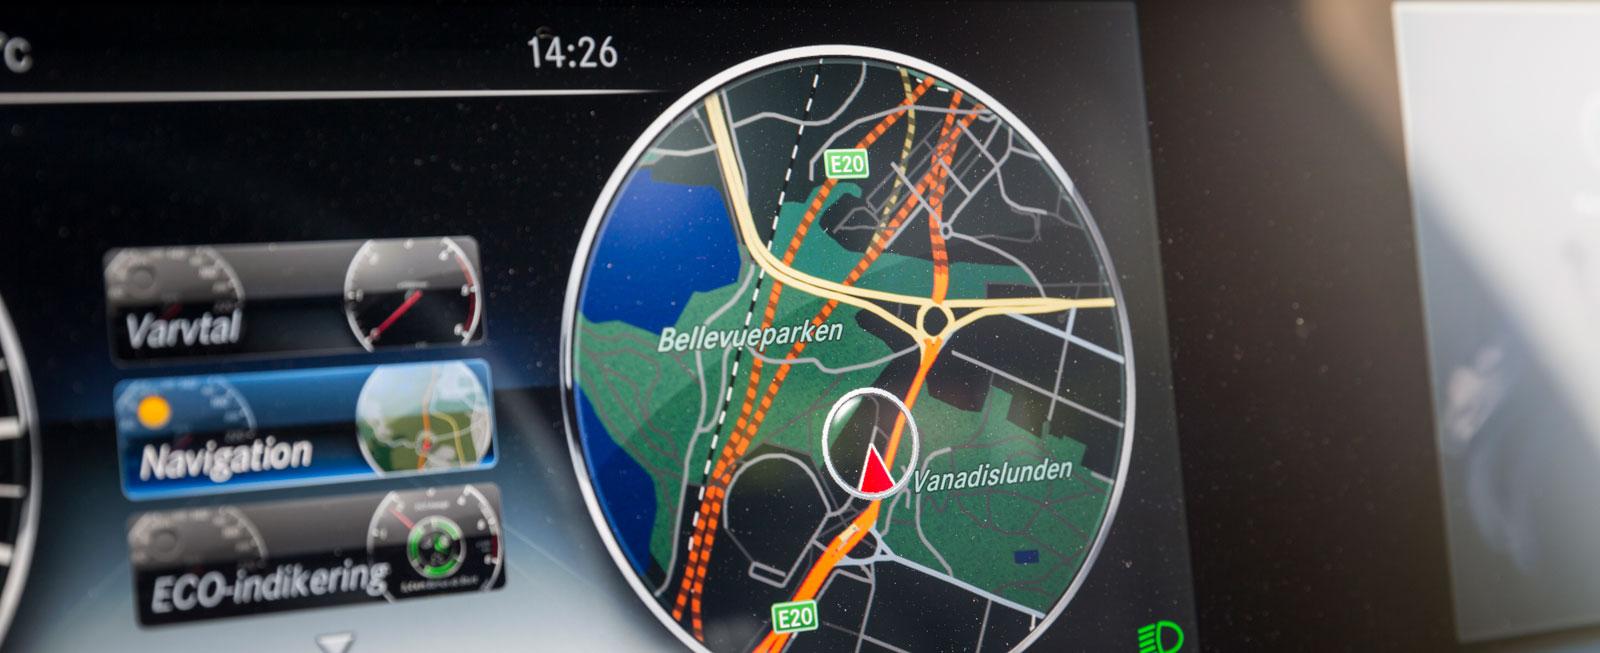 Om navigatorn aktiveras kan kartan visas där varvräknaren normalt sitter. Snitsigt, eller hur?